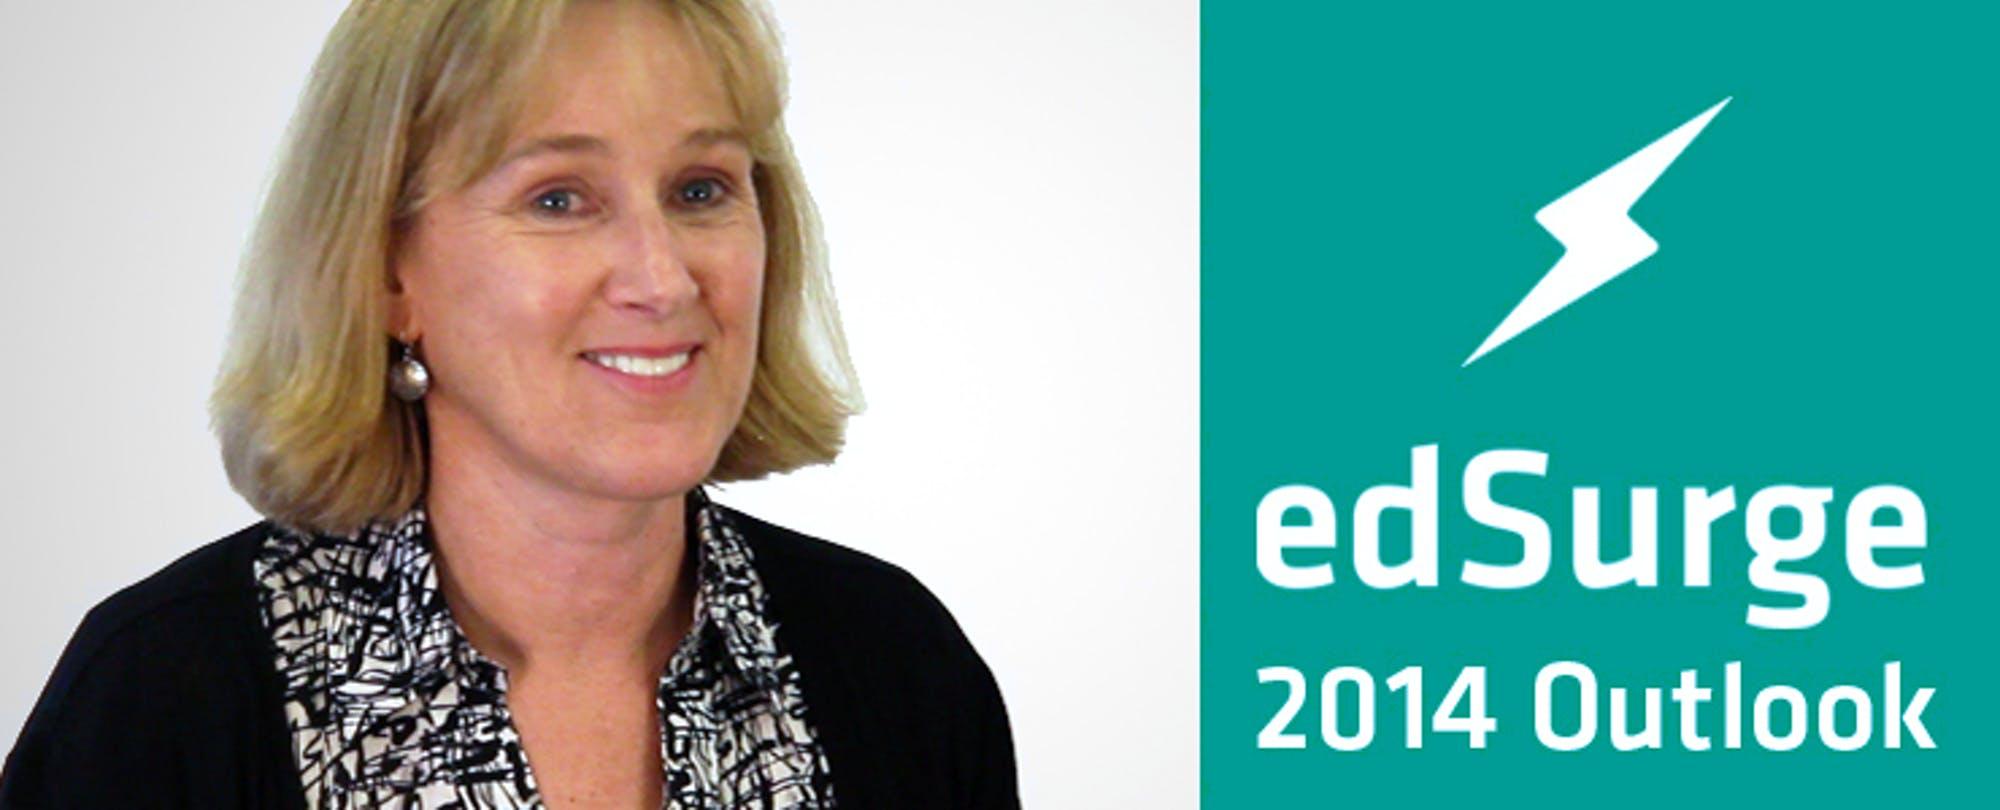 """Karen Cator: """"Close the Digital Learning Gap"""""""